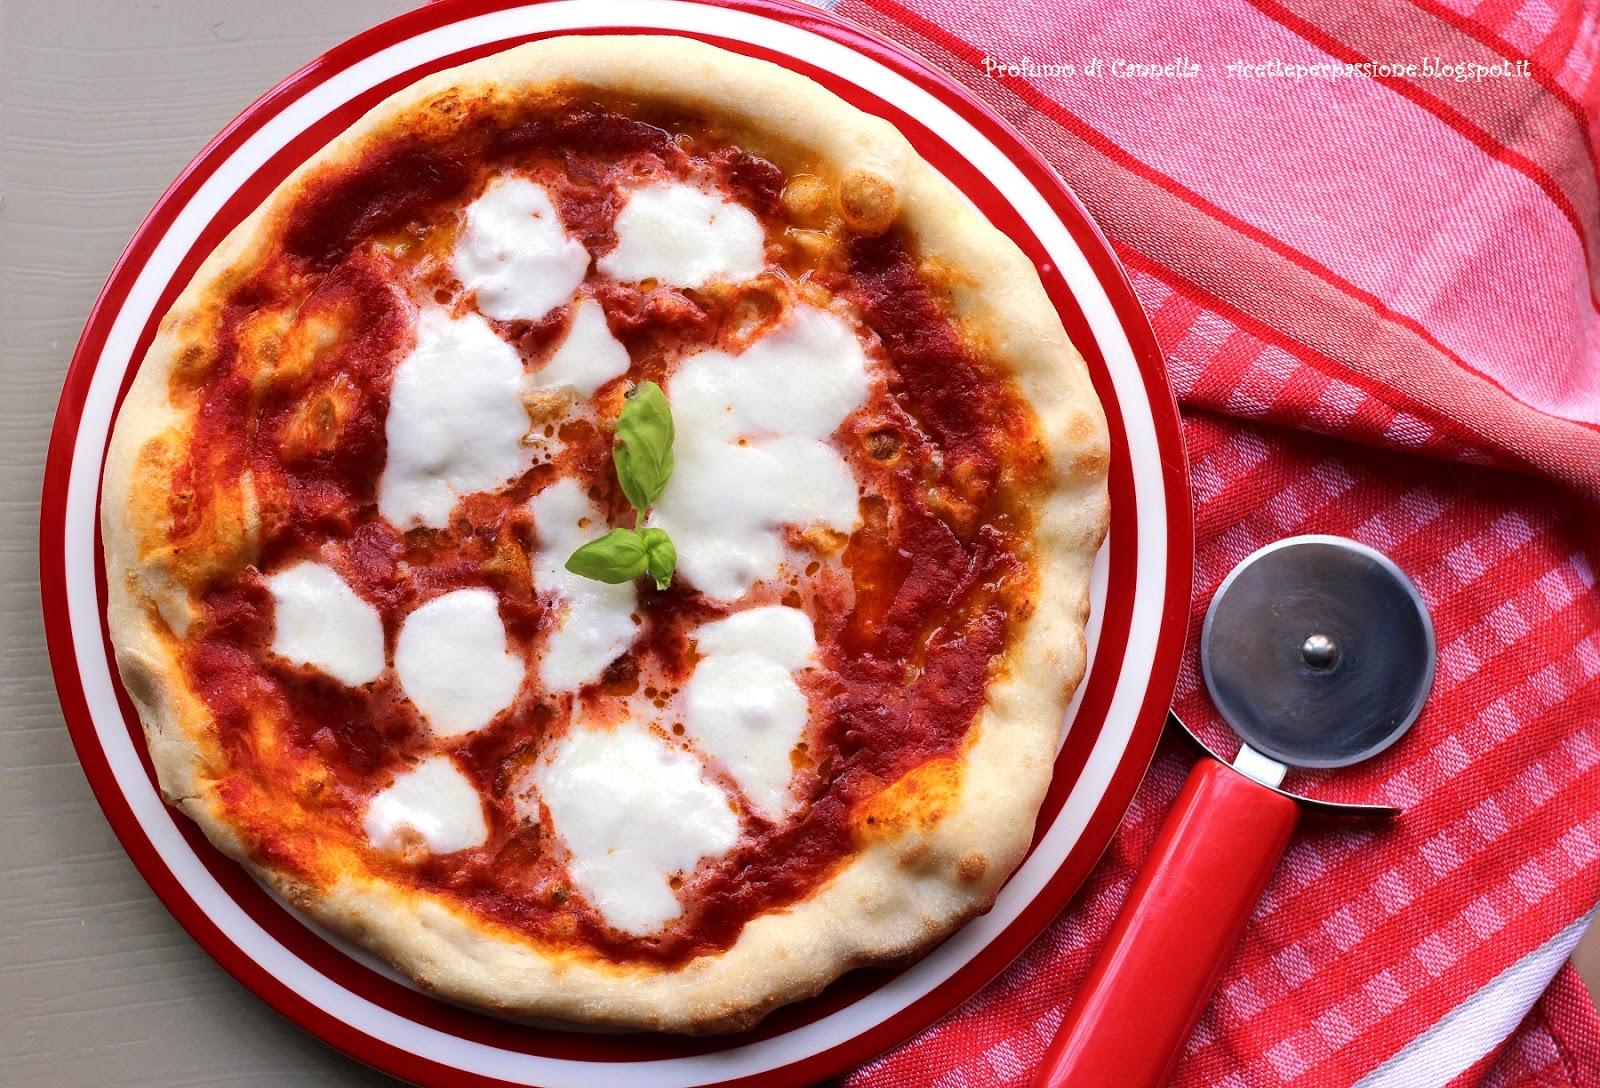 pizza come in pizzeria - è arrivato ifood!